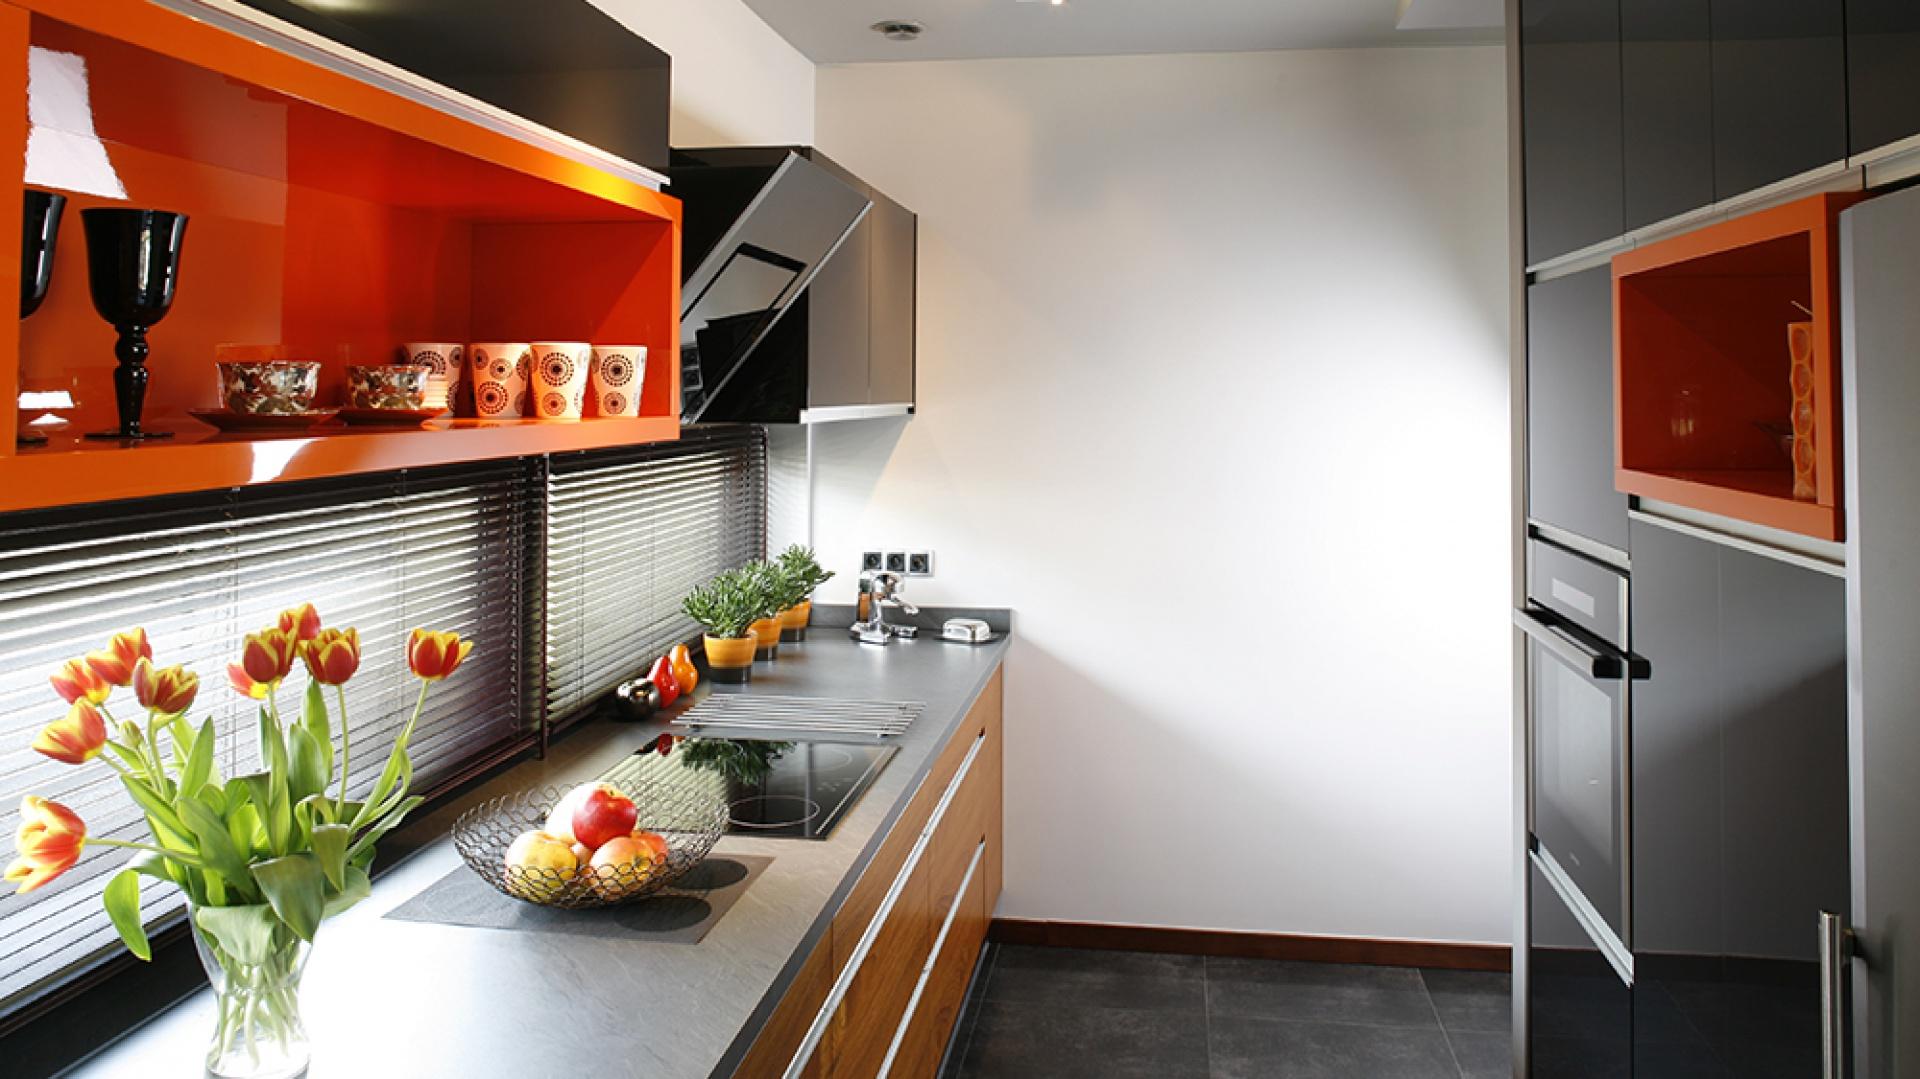 Meble kuchenne wykonano na zamówienie według projektu architekt. Prostą formę zabudowy urozmaica interesujące zestawienie frontów: w fornirze teakowym (szafki dolne) oraz lakierowanych w kolorze grafitowym i pomarańczowym. Fot. Bartosz Jarosz.